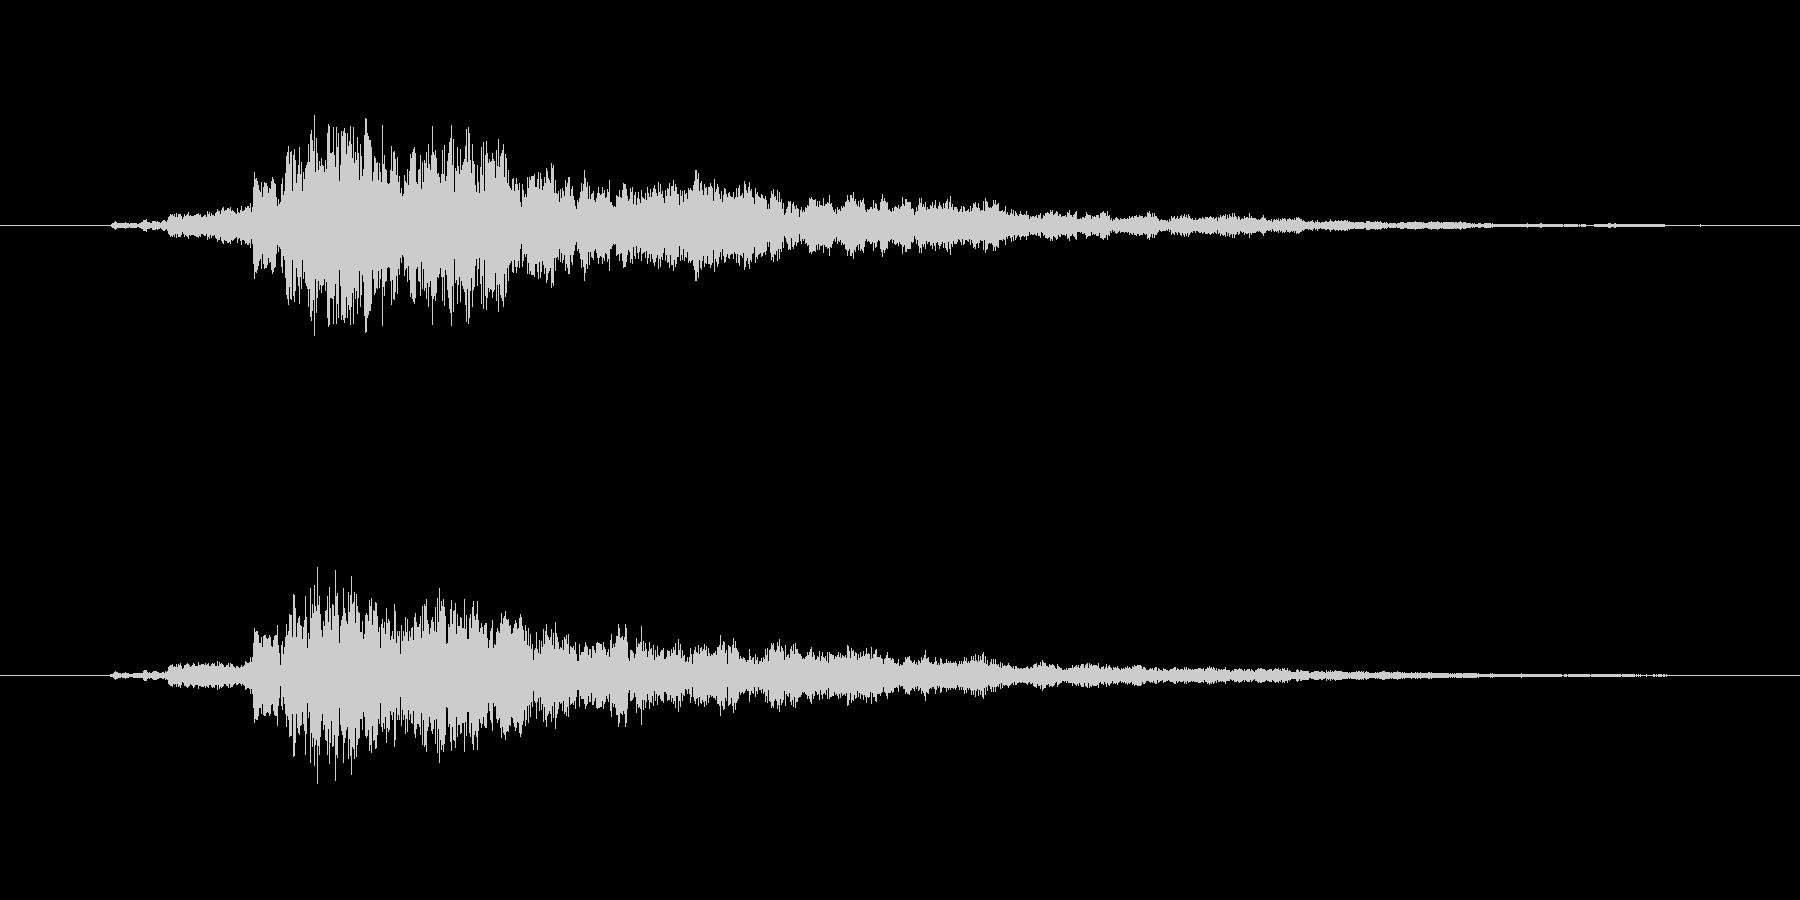 タッチ決定クリック音やサウンドロゴに9!の未再生の波形